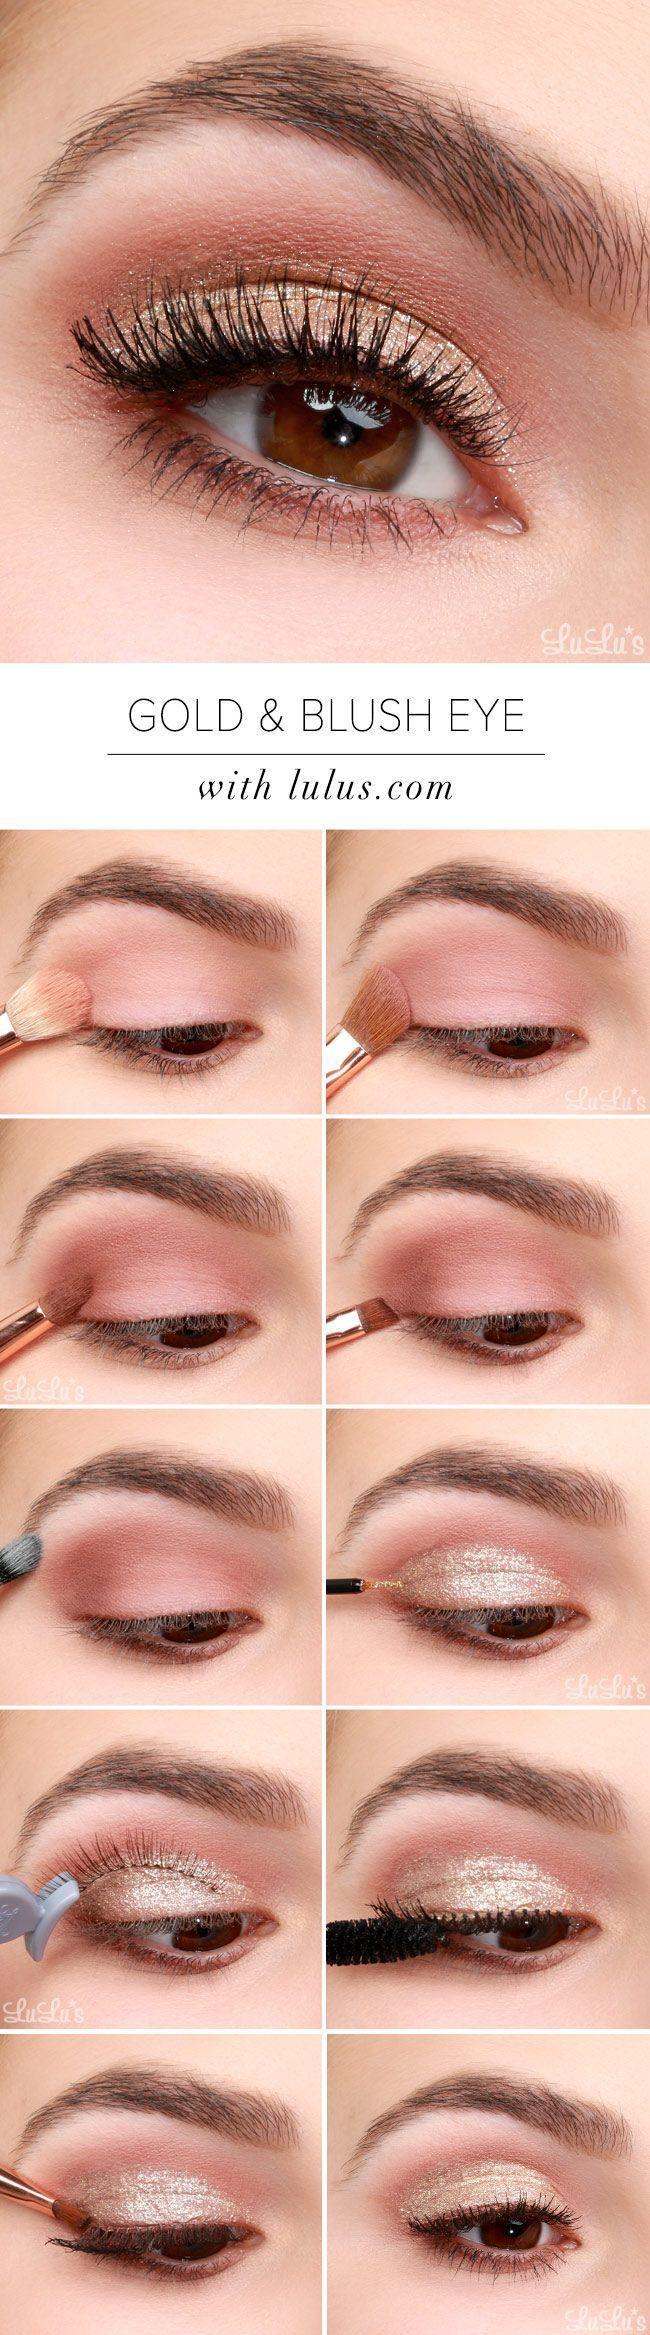 LuLus Anleitung: Augen- und Makeup-Tutorial zu Gol…